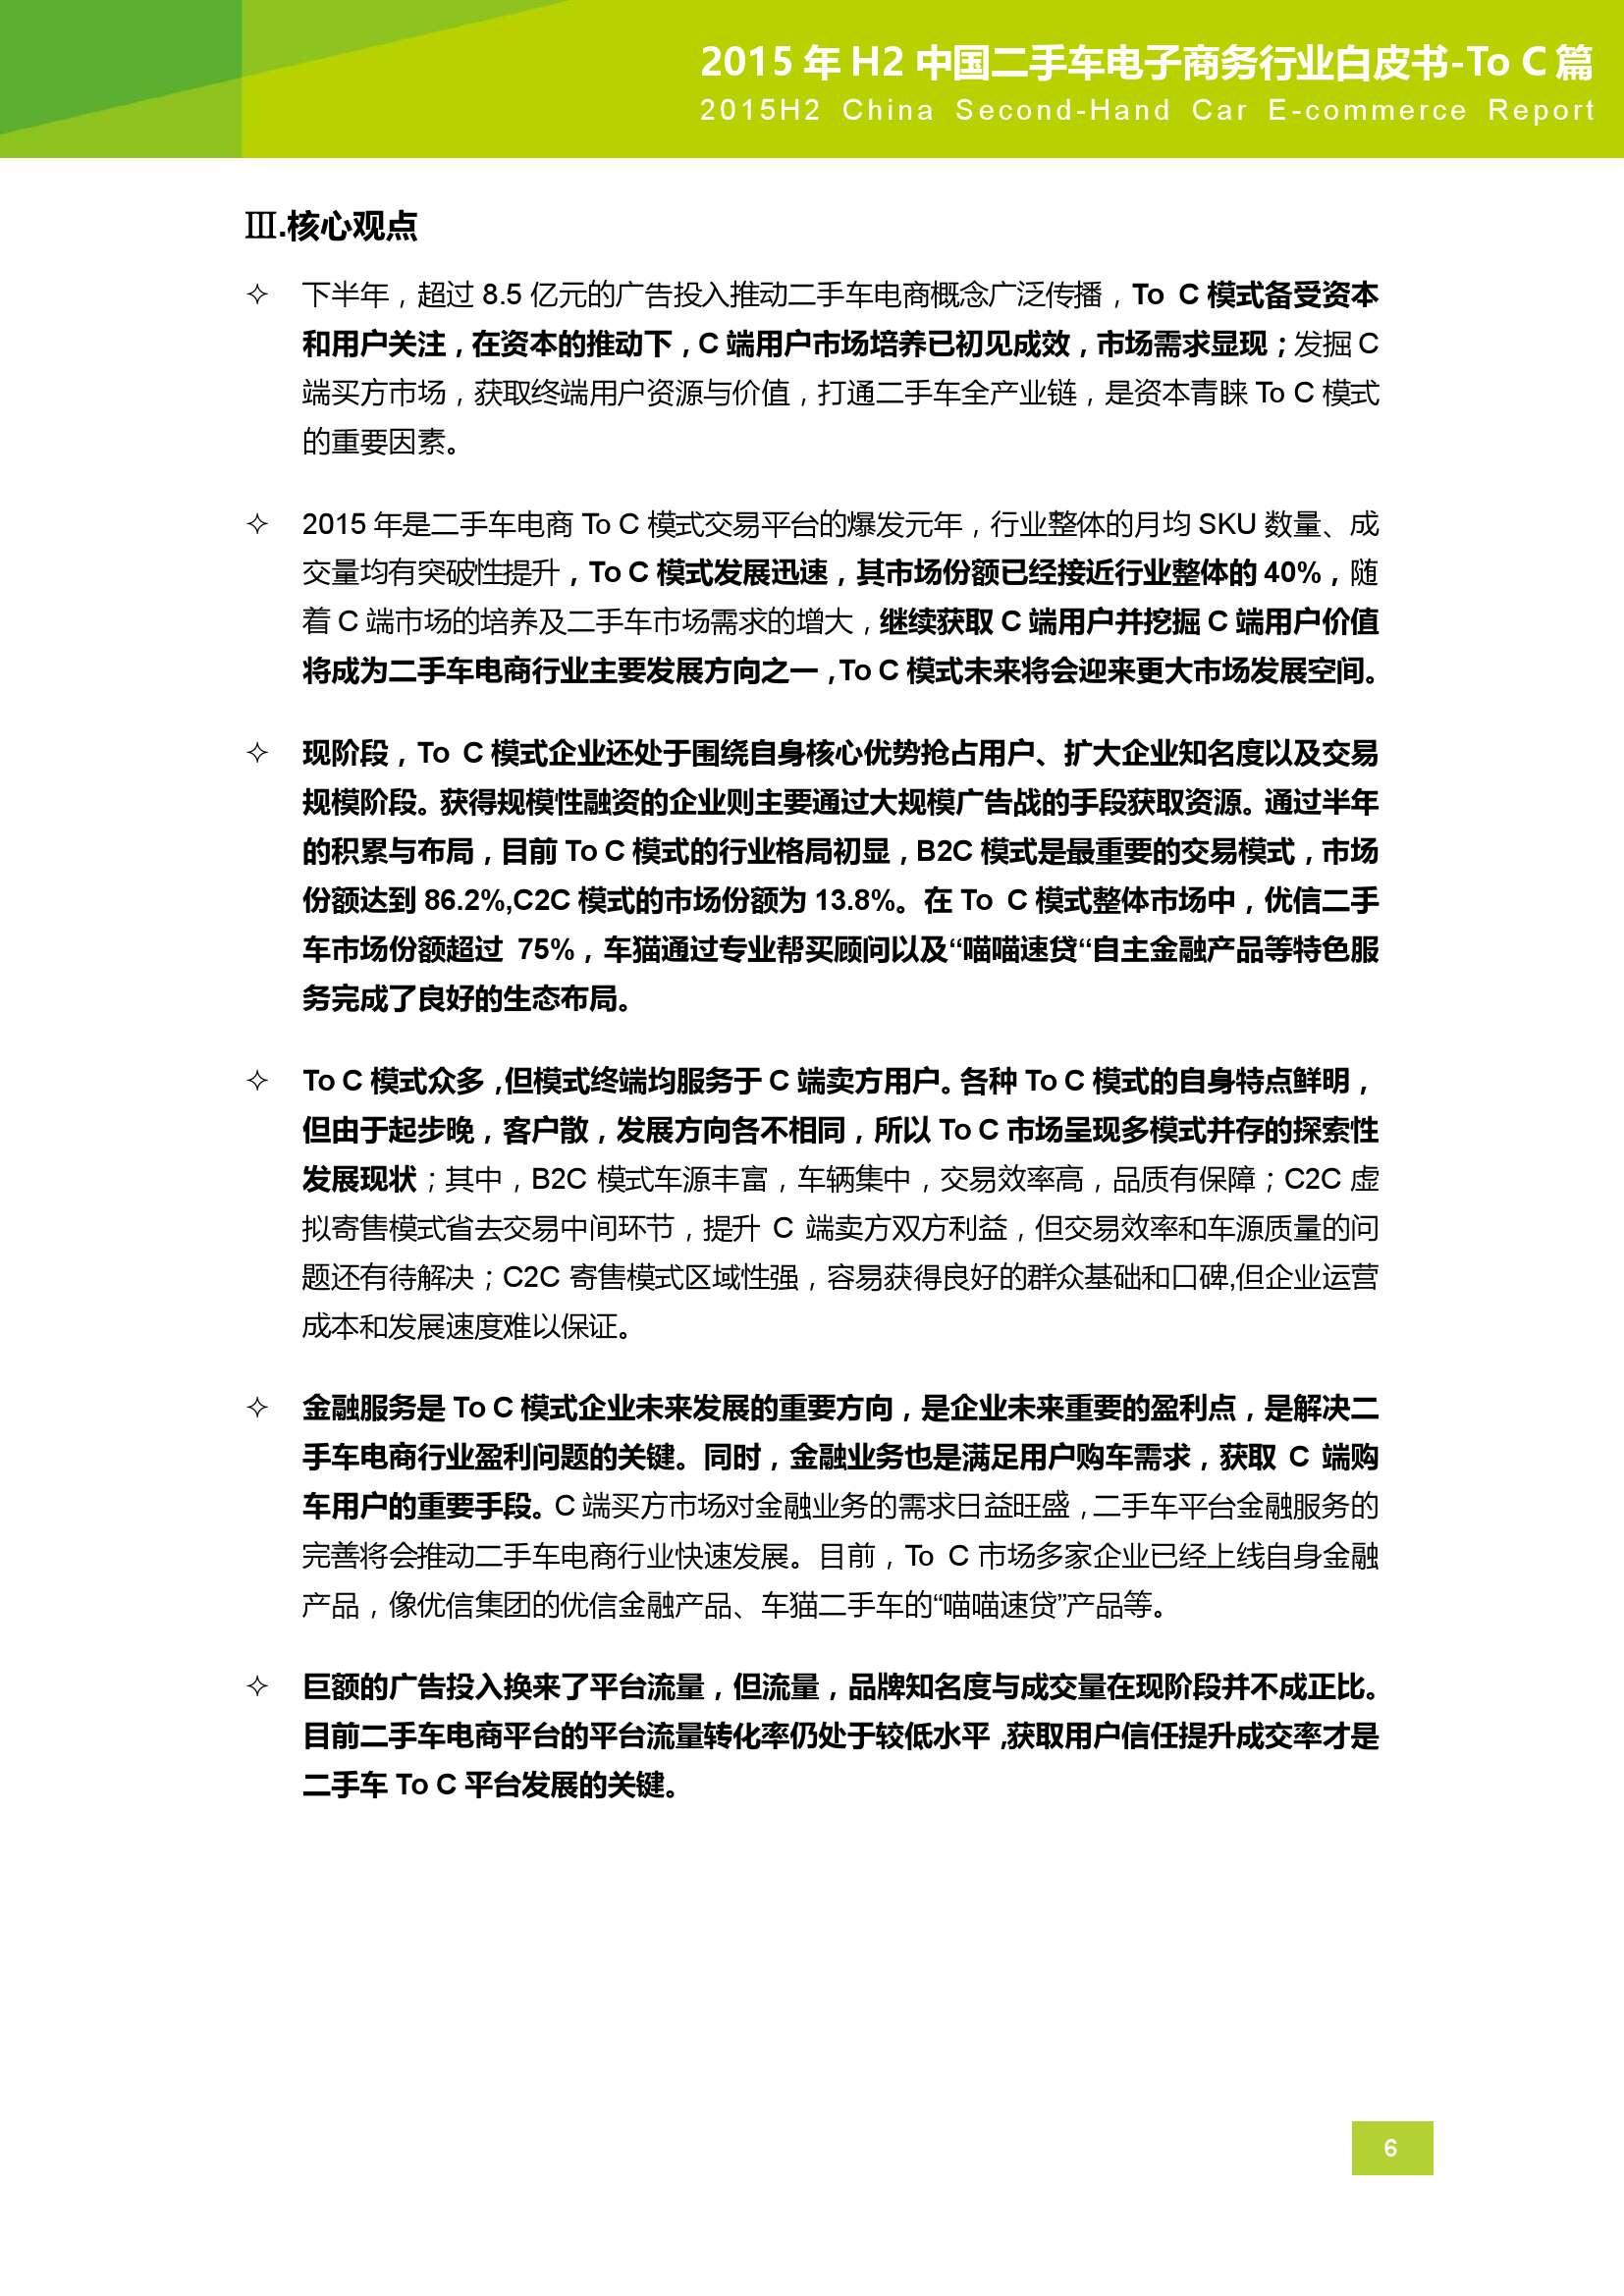 2015年H2中国二手车电子商务行业白皮书_000006